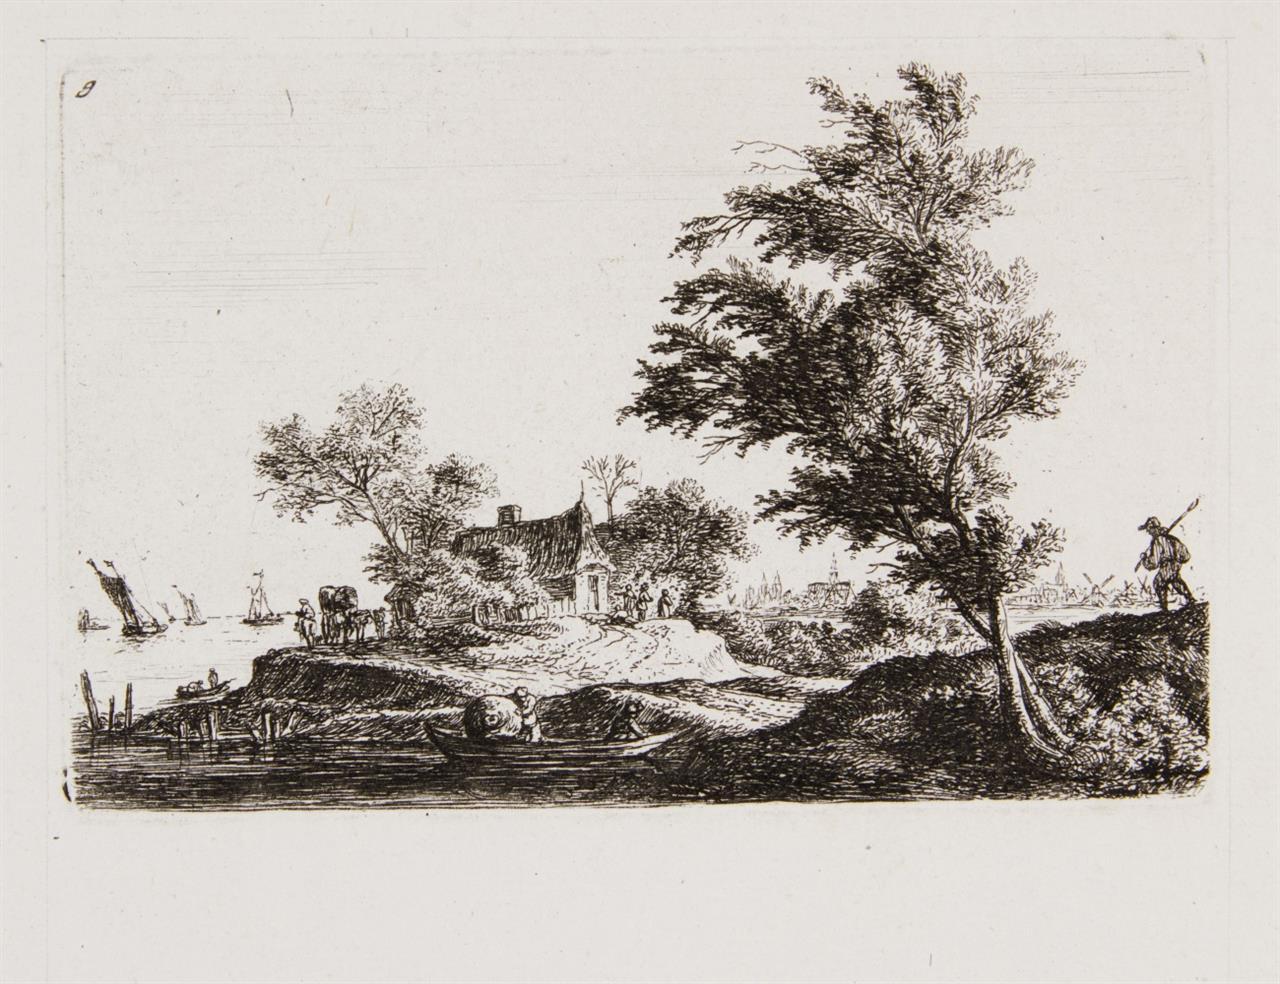 A. Waterloo. 3 Landschaften. 3 Radierungen auf 1 Bogen.